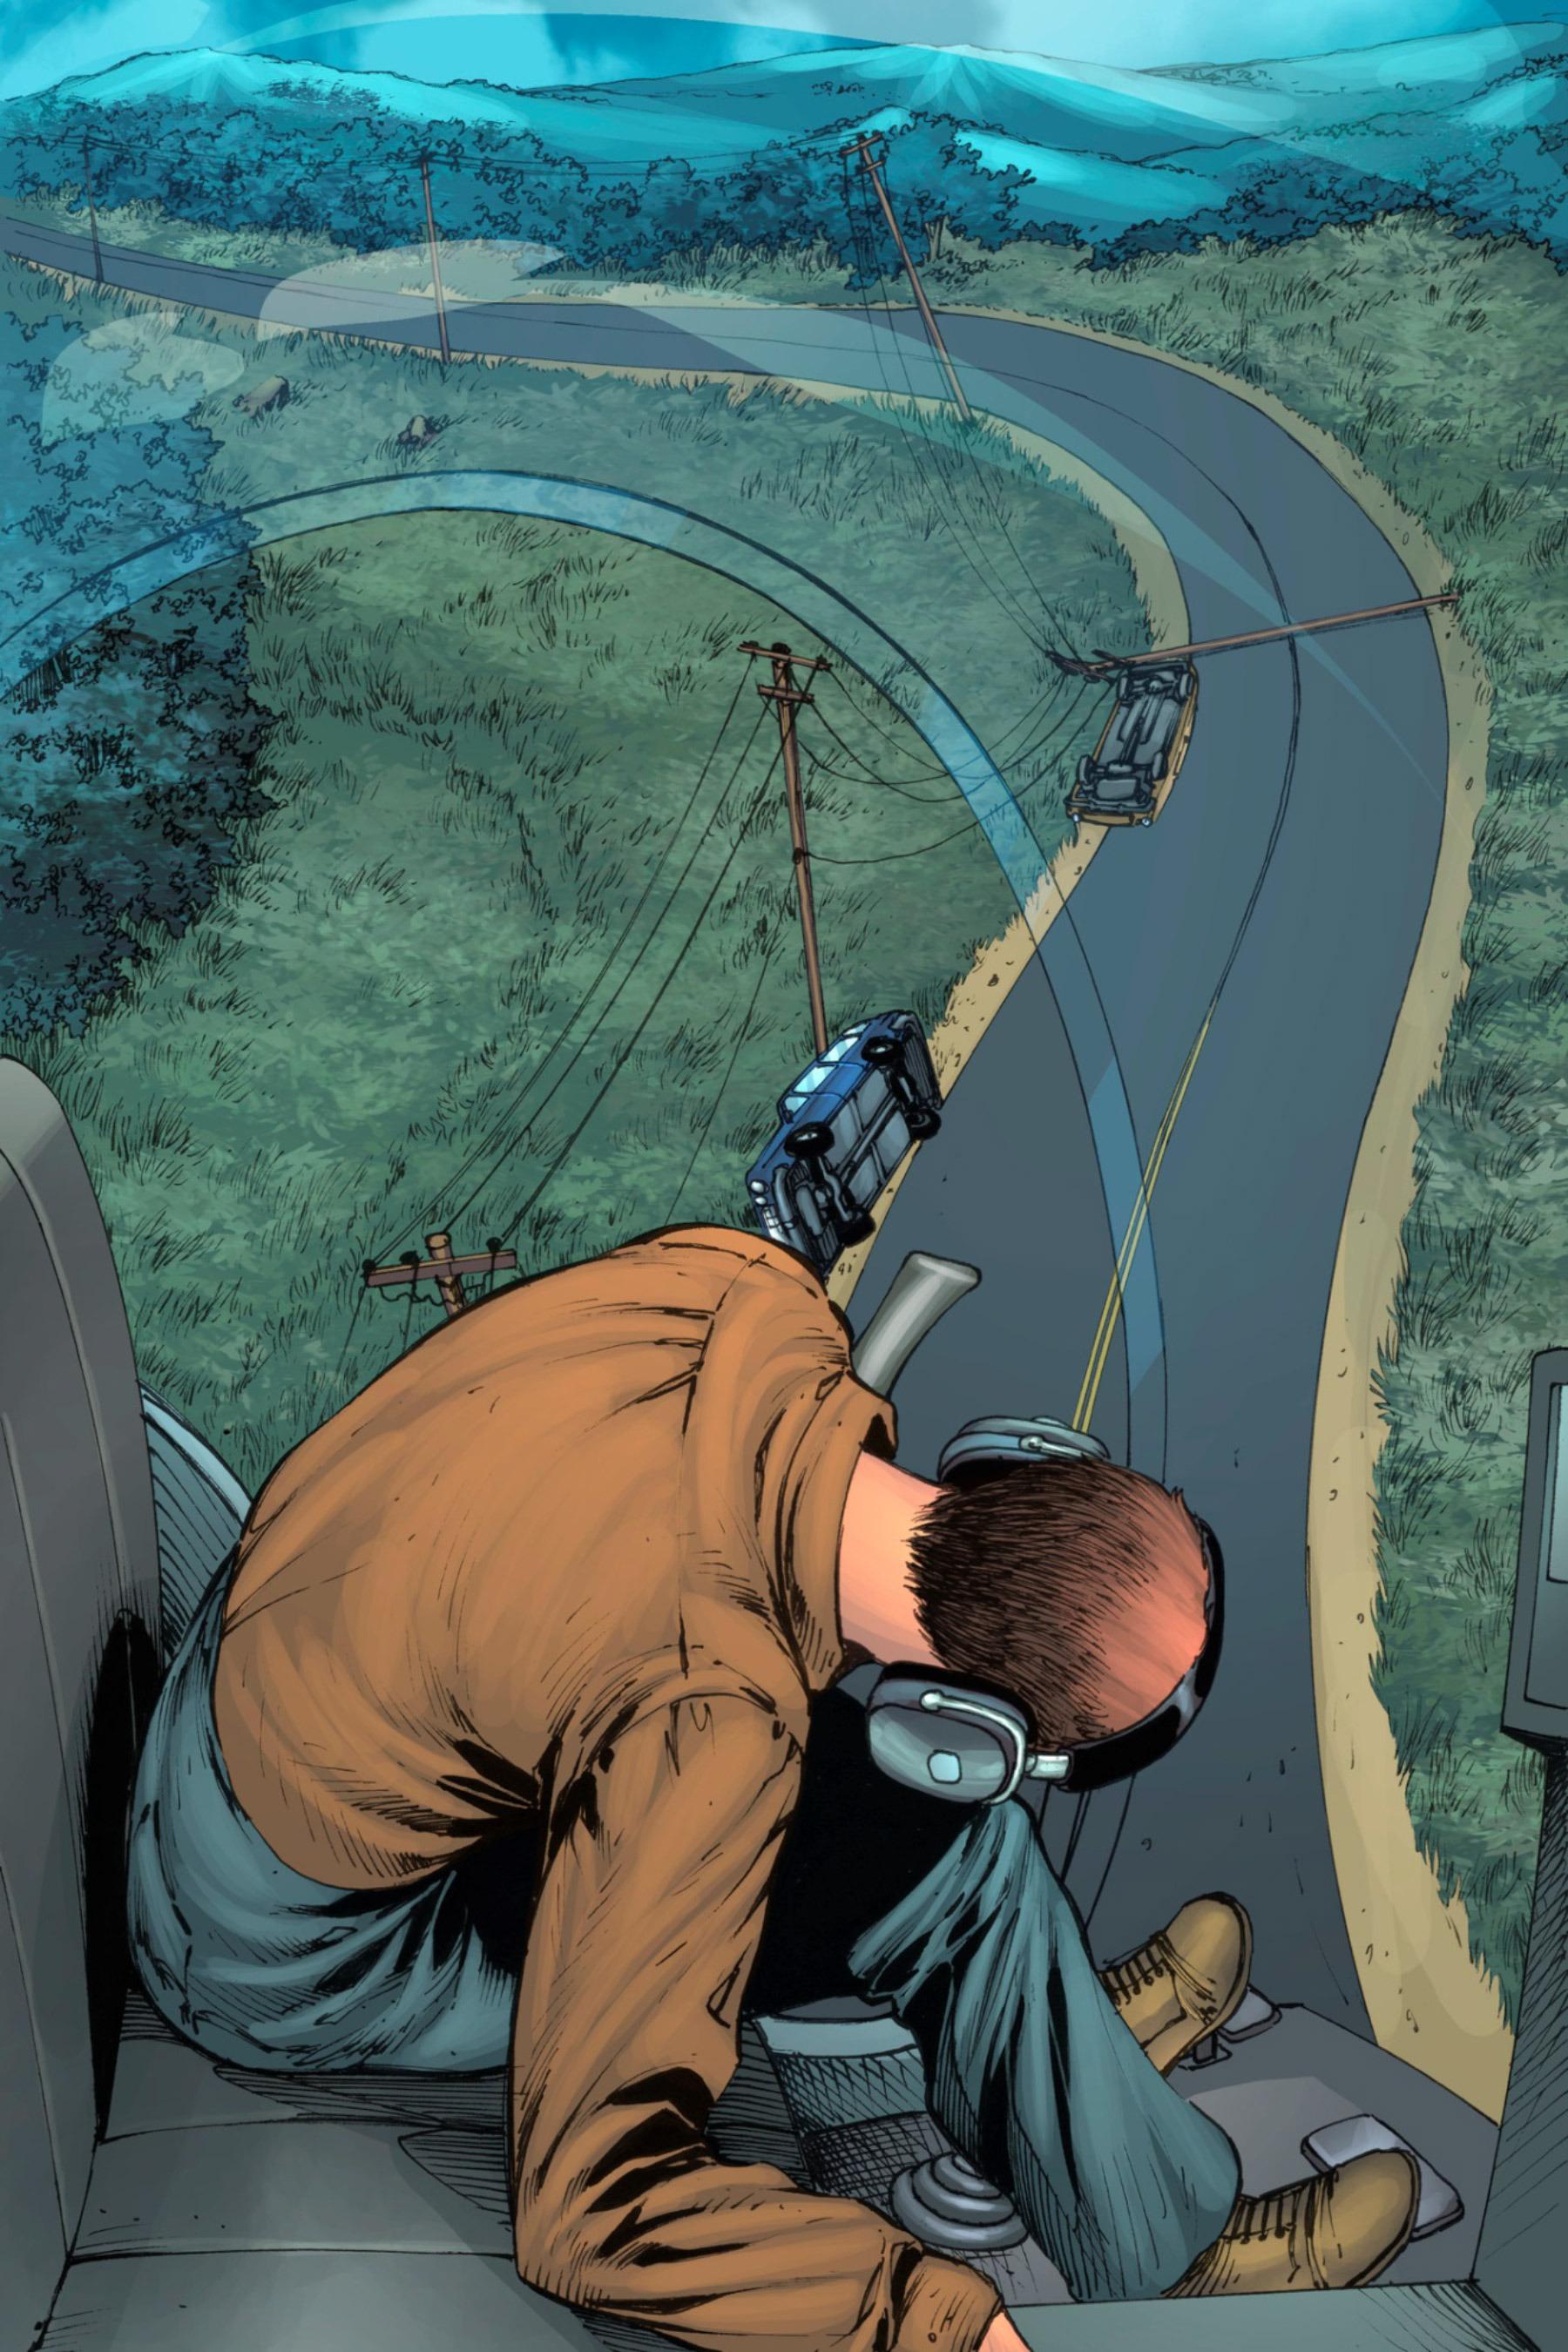 Read online Z-Men comic -  Issue #3 - 47